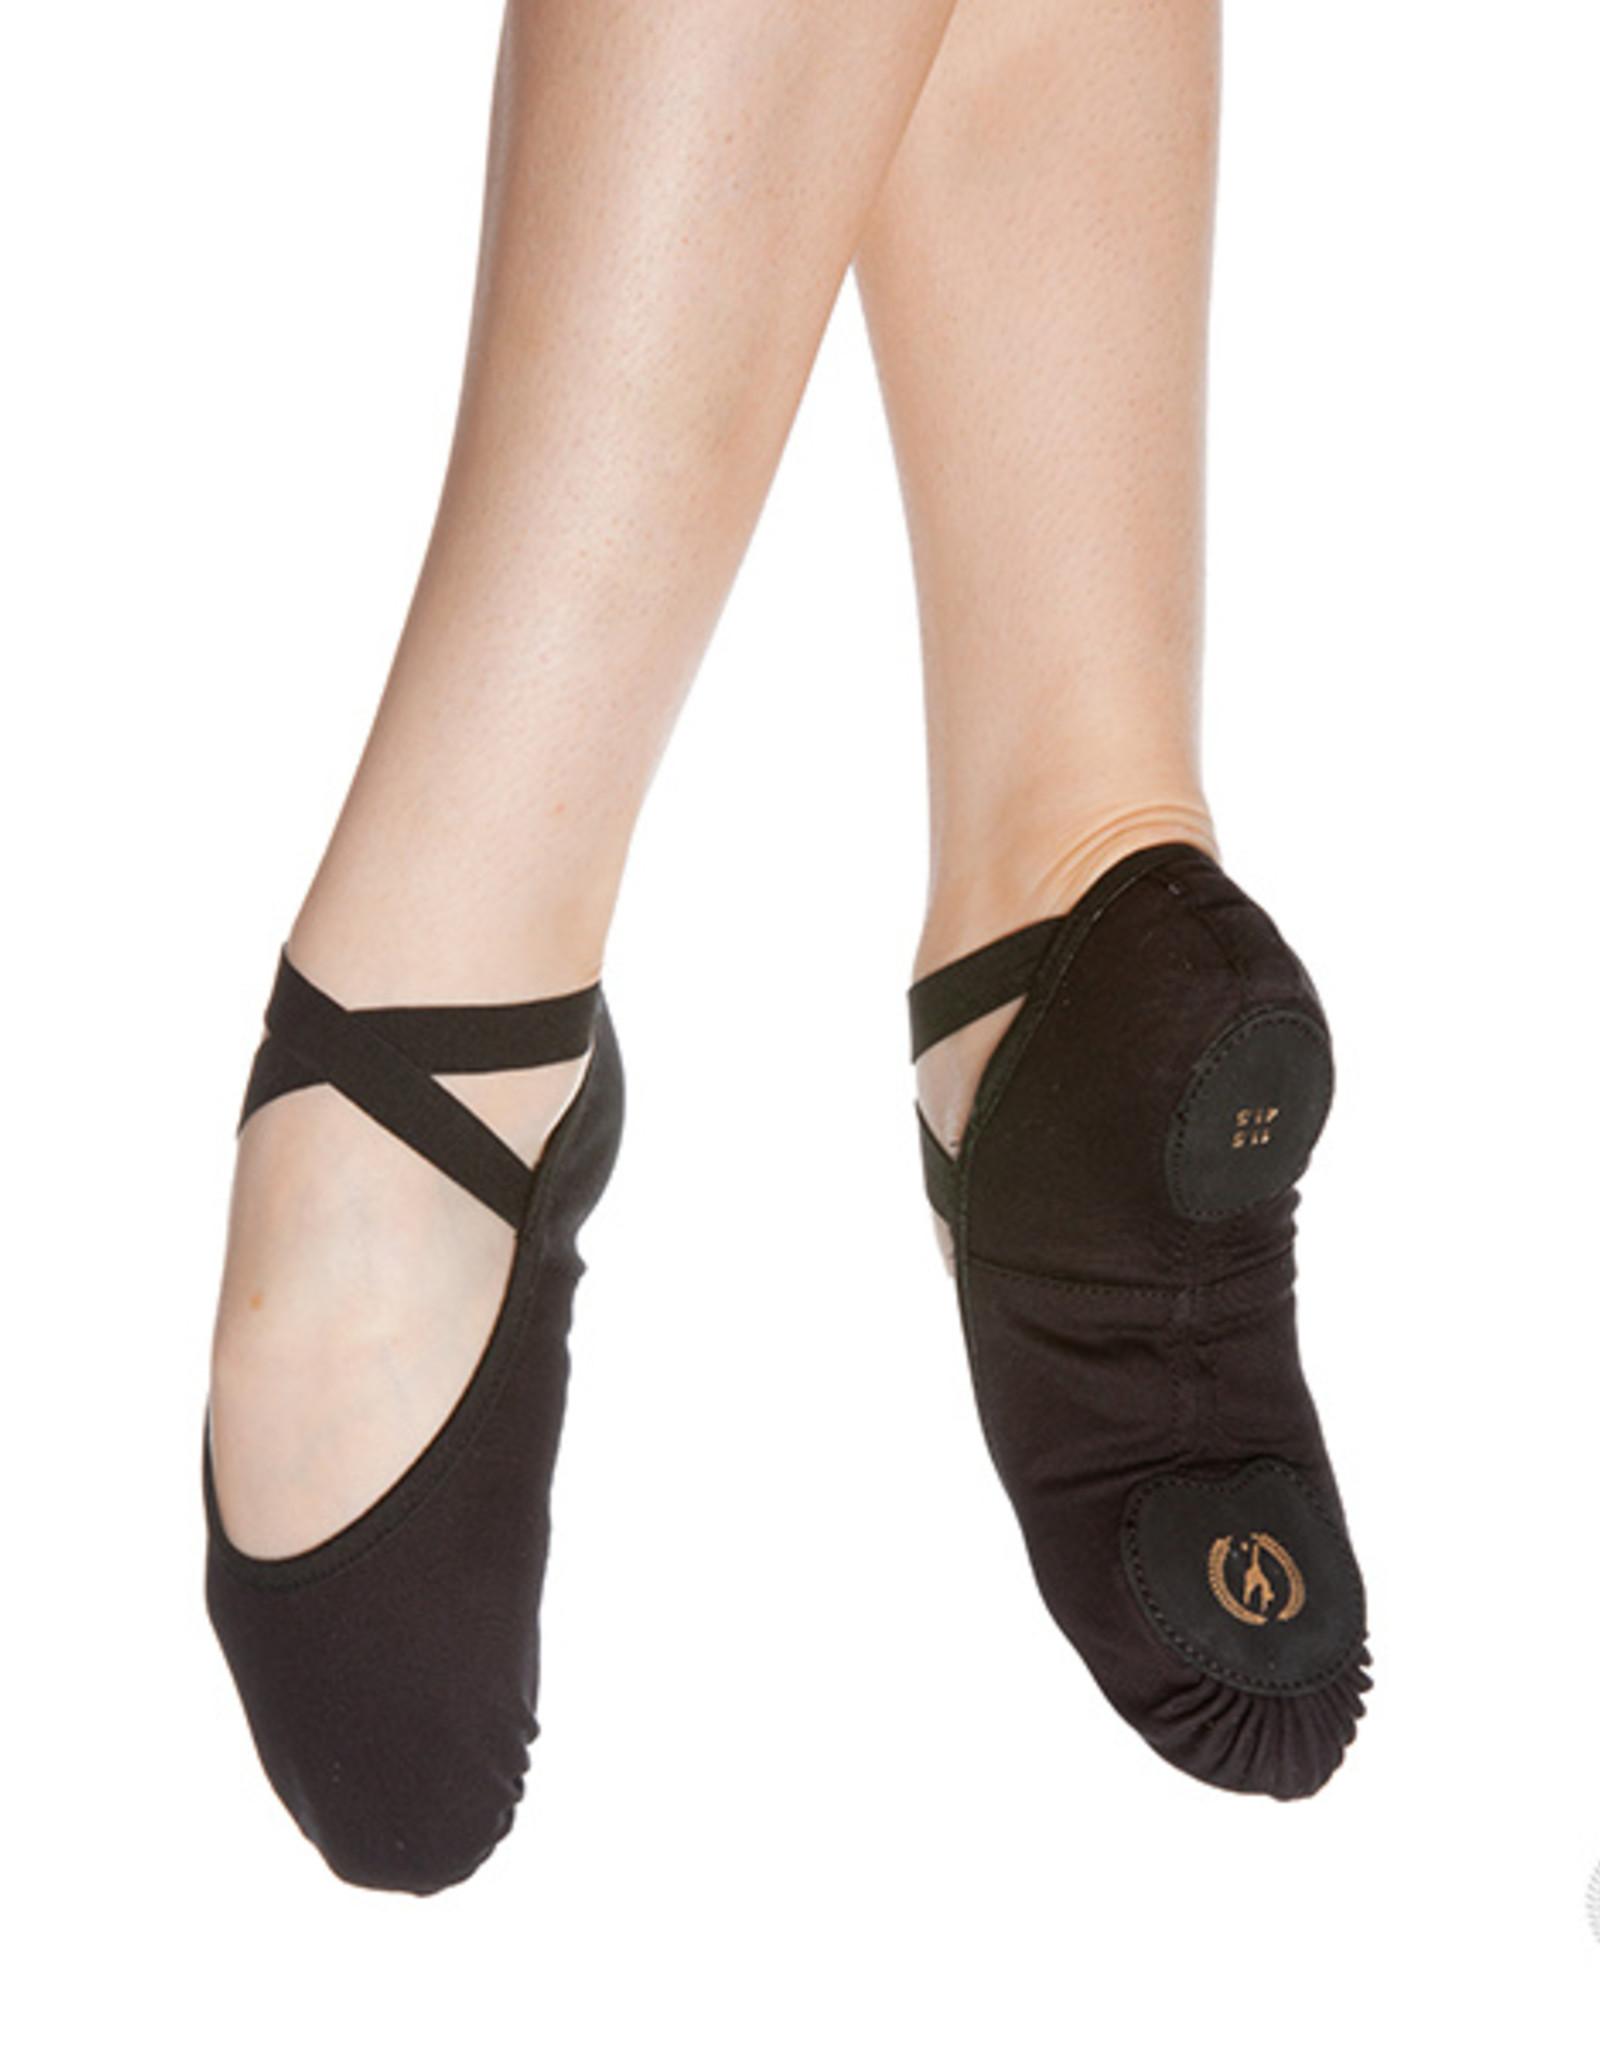 Eurotard Dancewear Eurotard Assemblé Ballet Slippers - A1004A